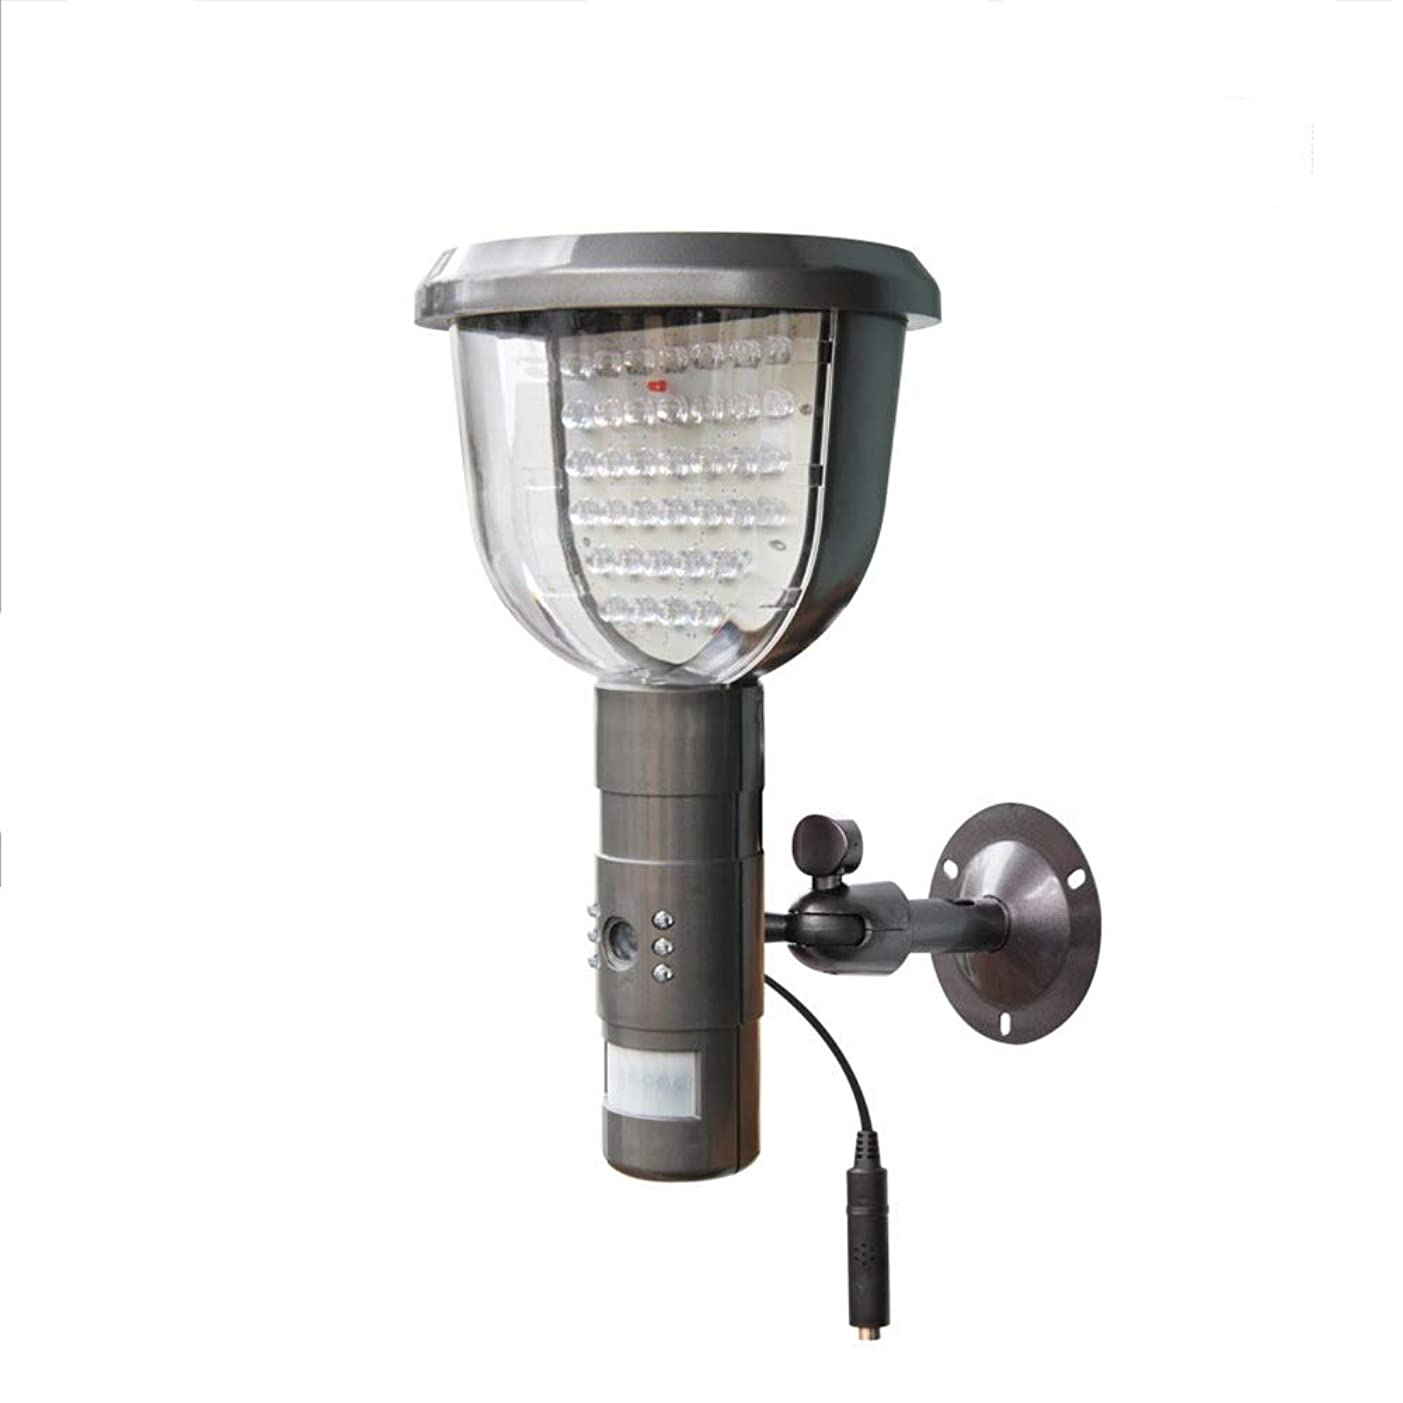 重大要求するタンクスマートな隠されたカメラの動きセンサーライト、屋外の照明ランプの無線導かれた壁の太陽庭ライト